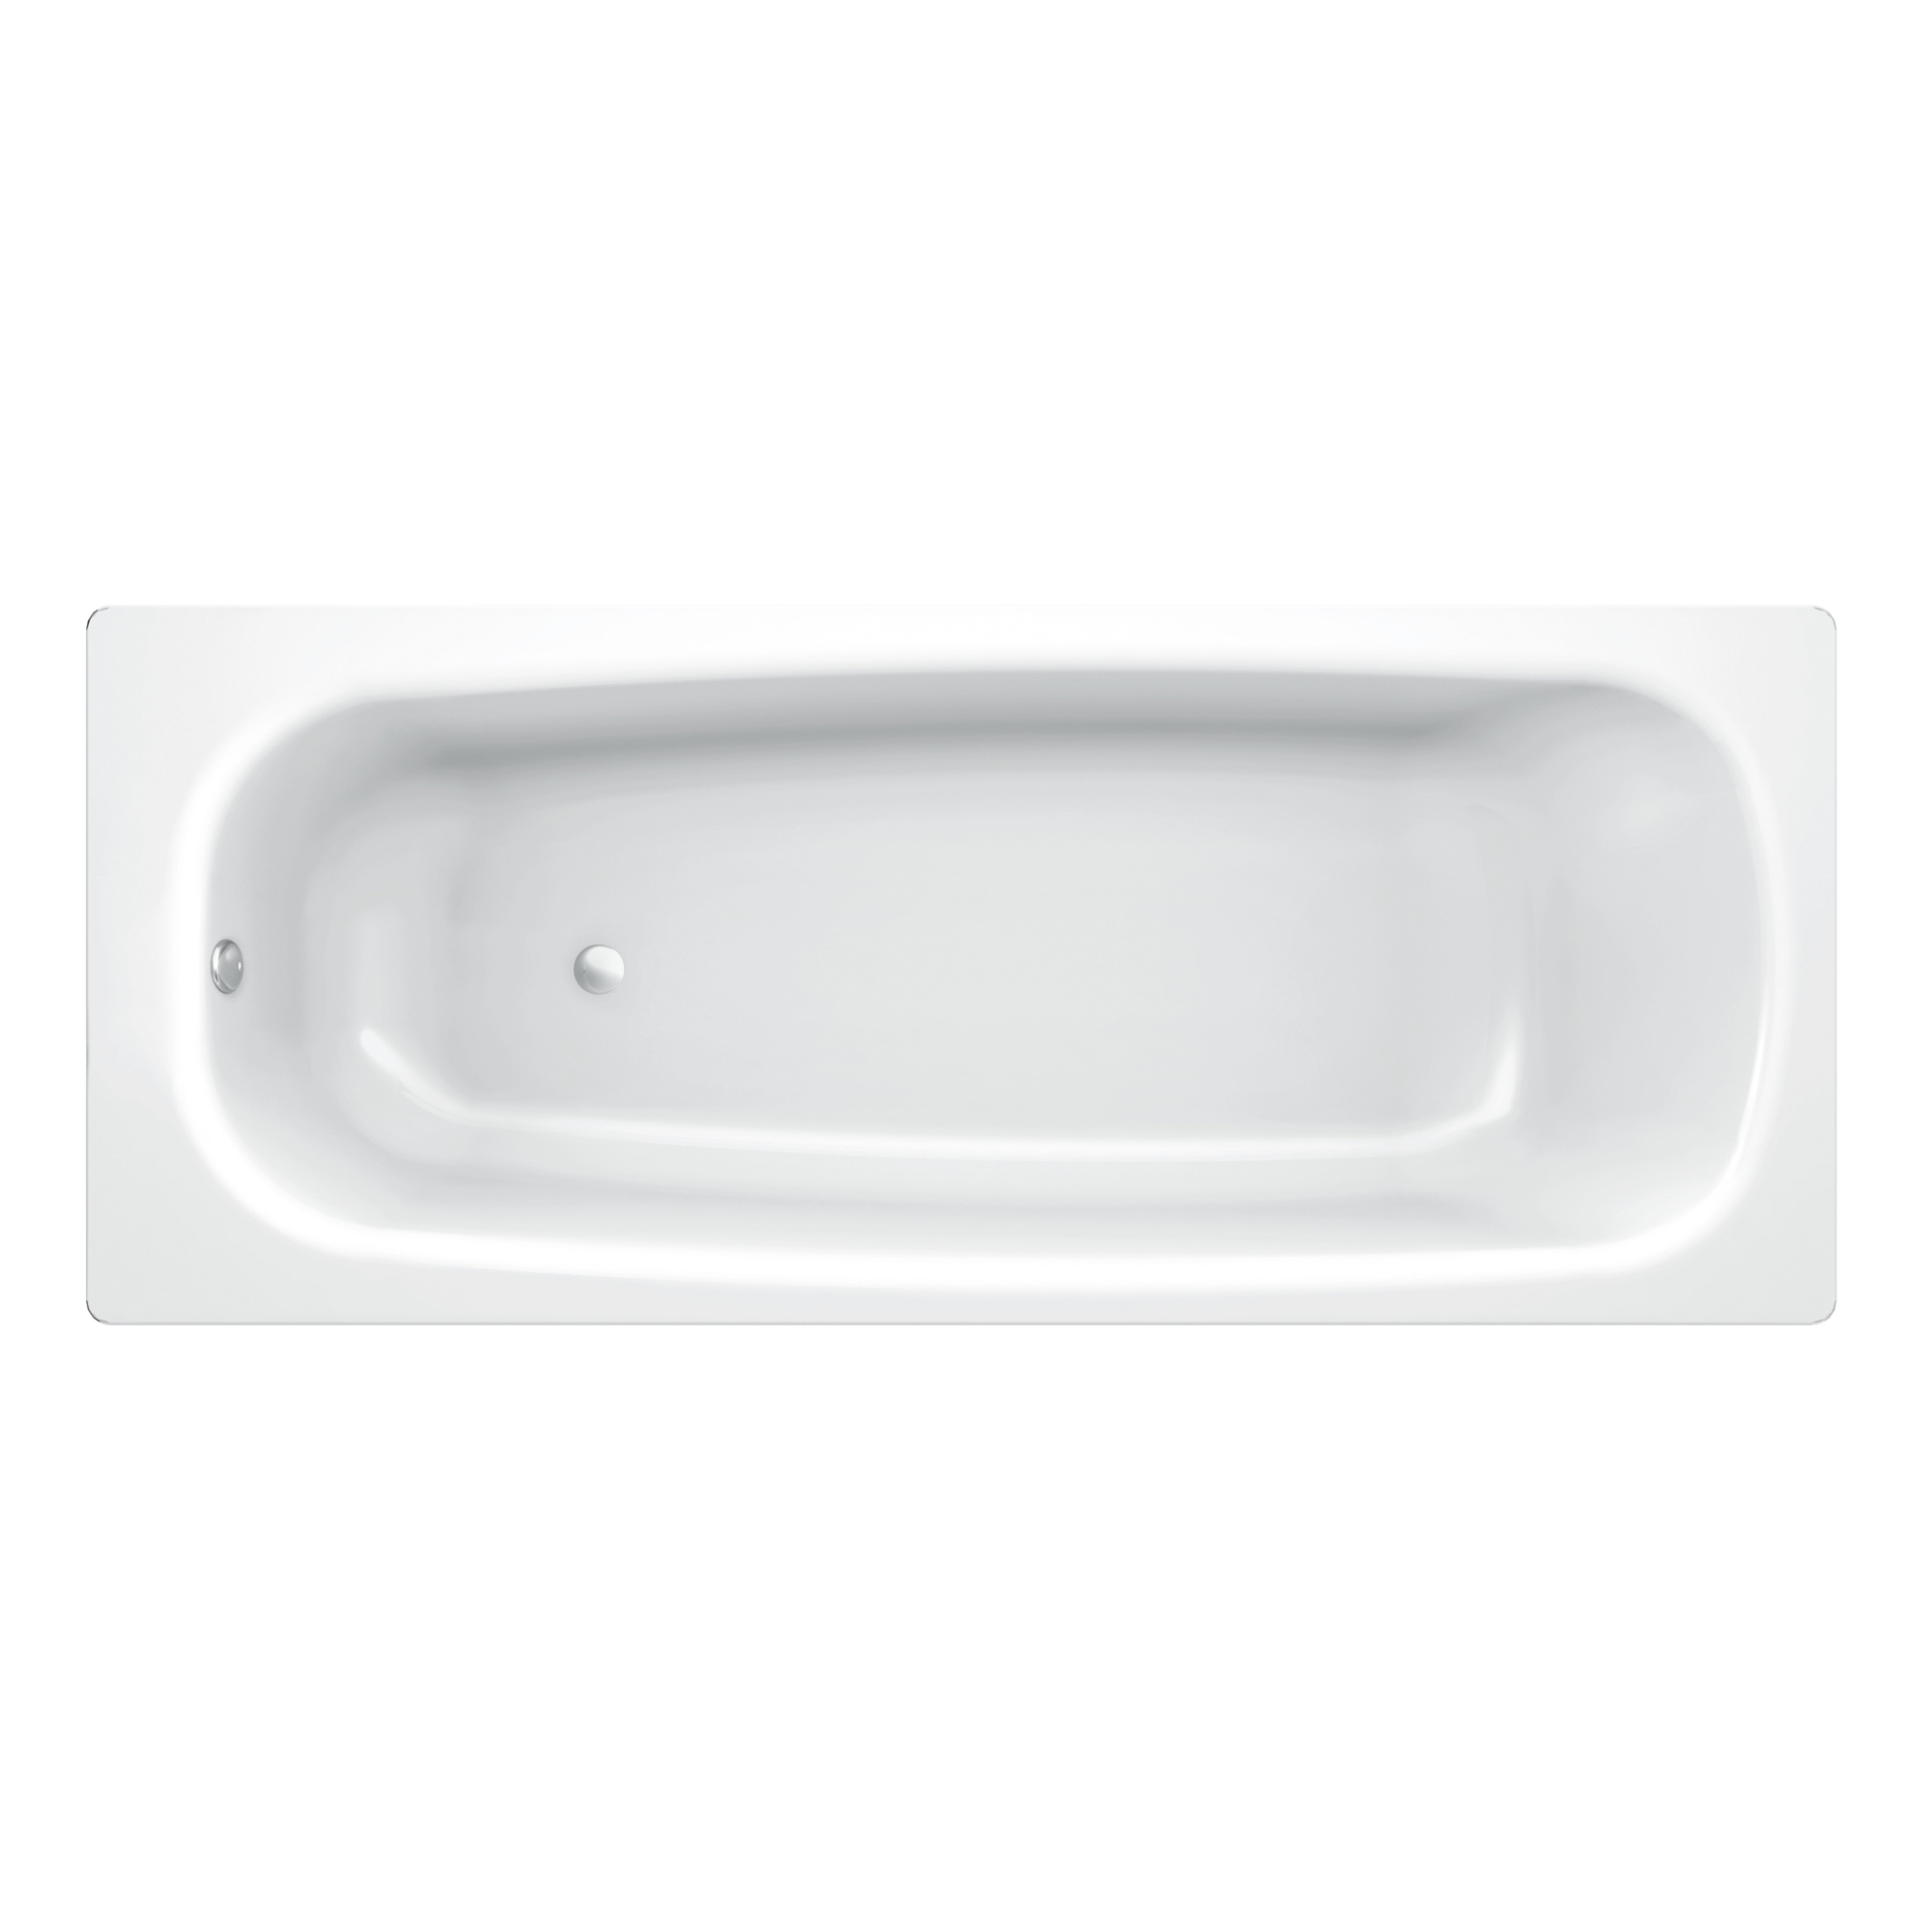 Стальная ванна Koller Pool Universal 150x70 с anti-slip ванна стальная виз antika 170x70x40 с ножками с рантом a 70001